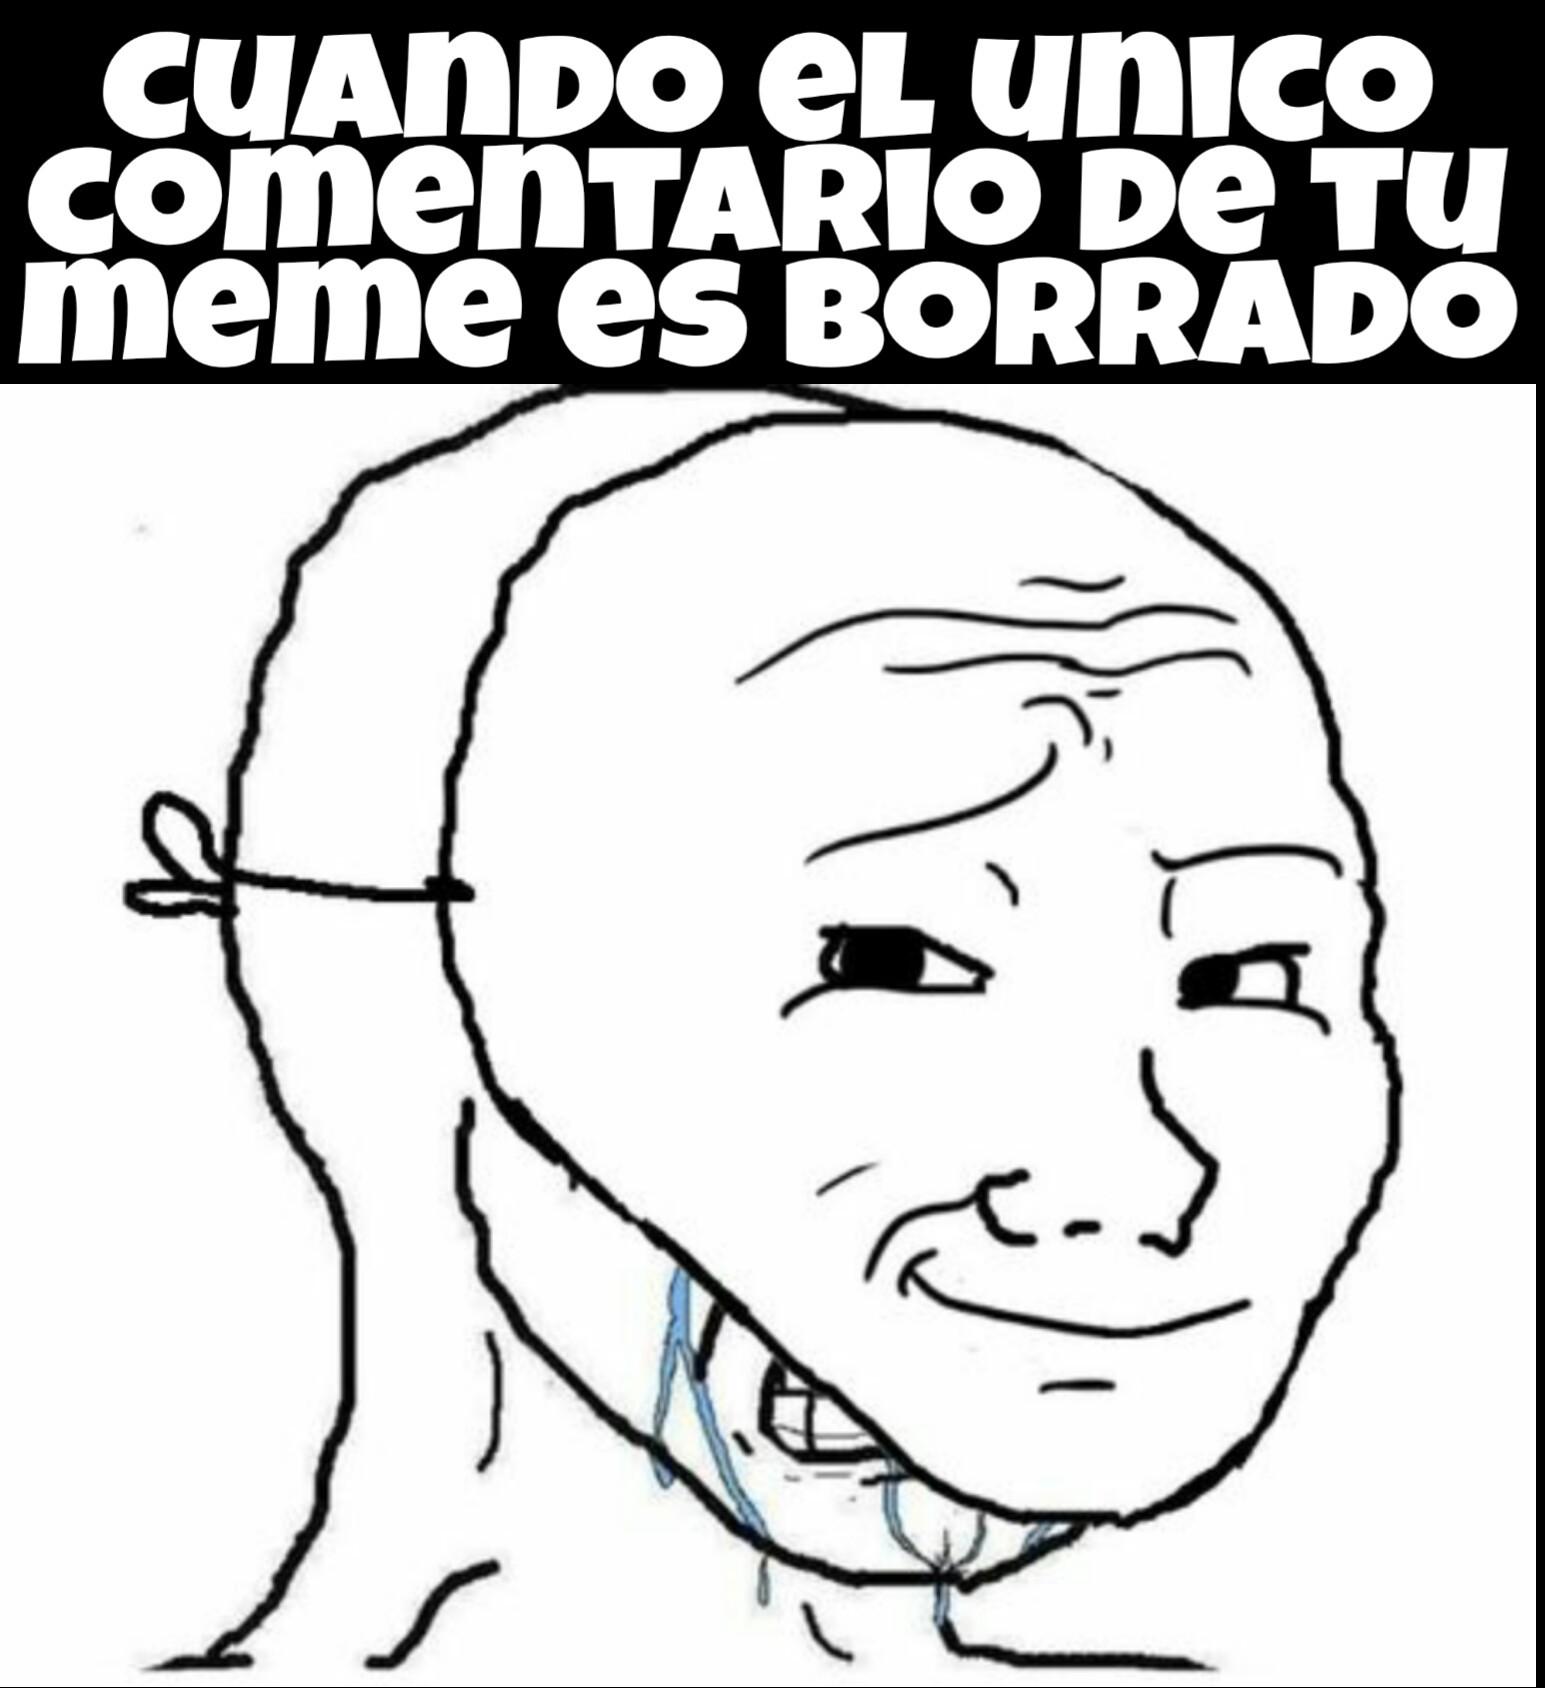 MƏMĒĐŘŒÏĎ - meme